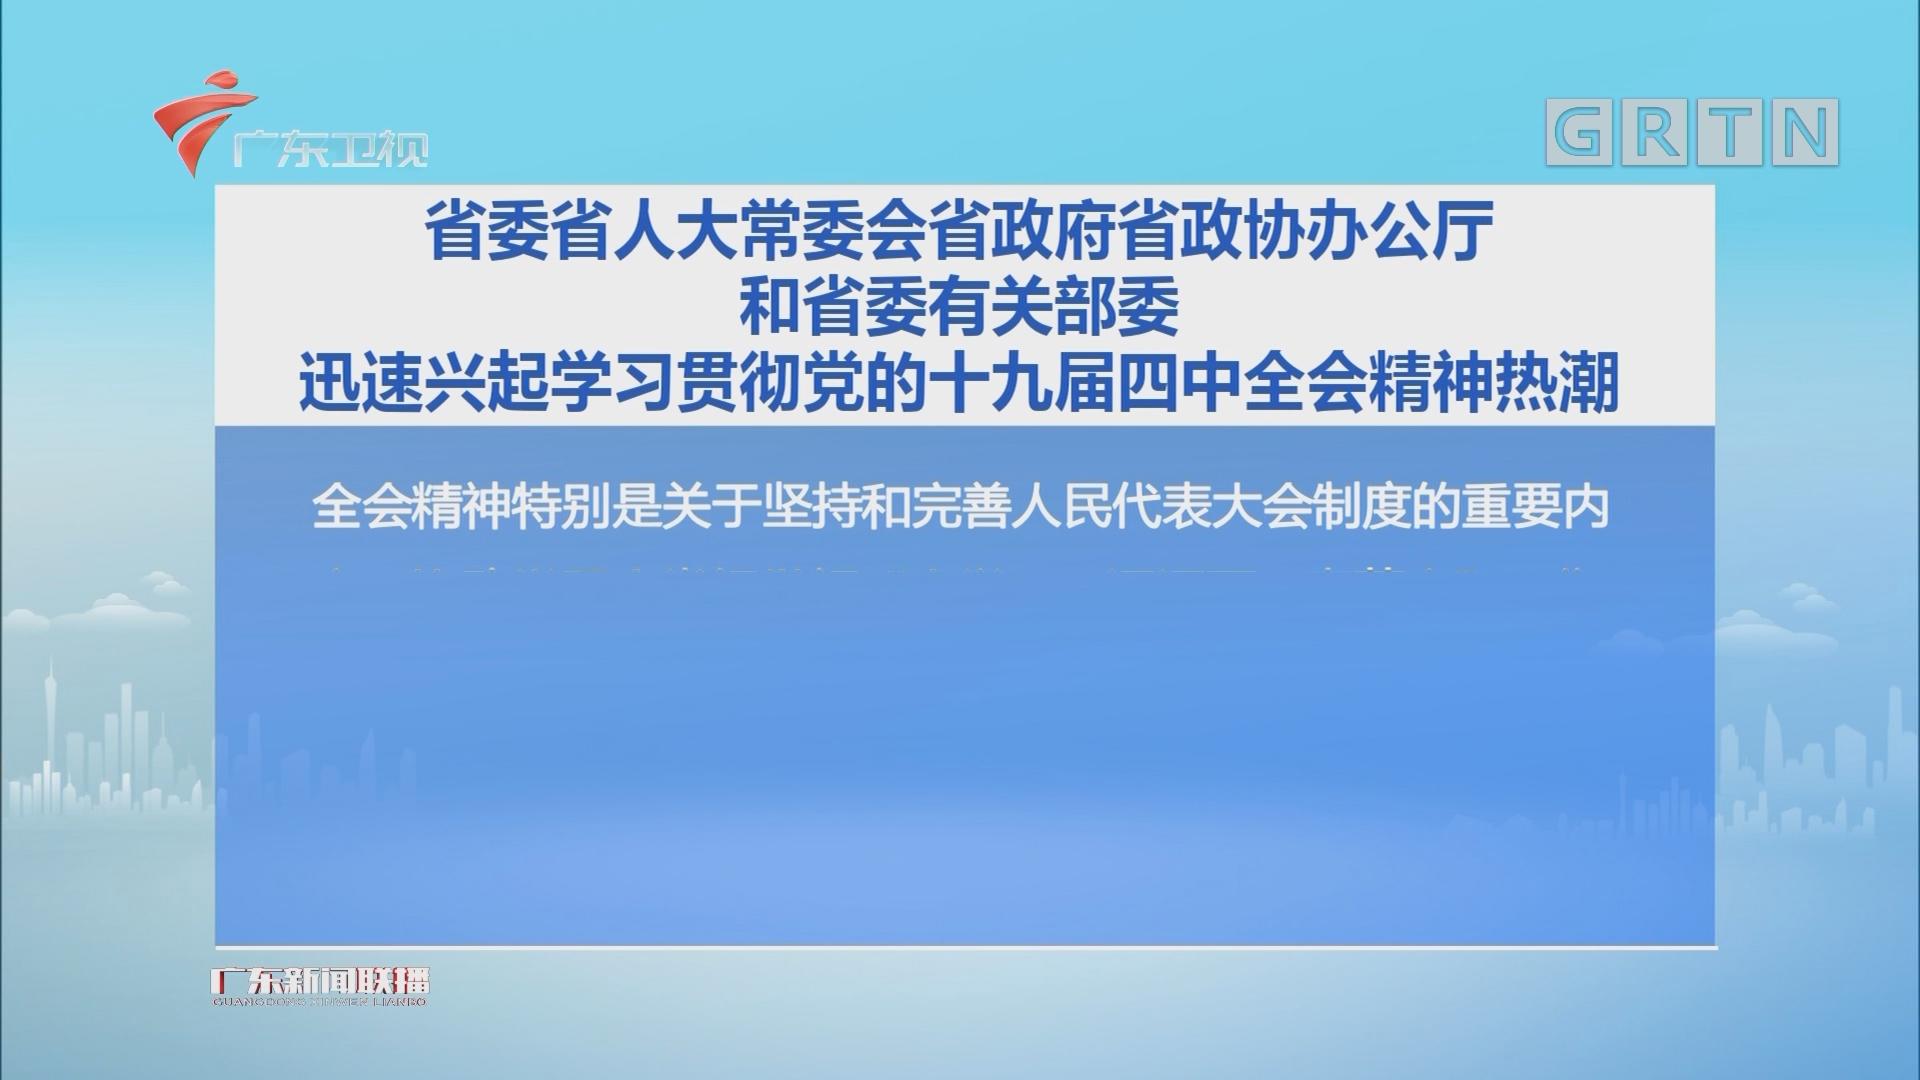 [HD][2019-11-05]广东新闻联播:习近平出席第二届中国国际进口博览会开幕式并发表主旨演讲 倡议共建开放合作、开放创新、开放共享的世界经济 宣布中国采取新举措推动更高水平对外开放